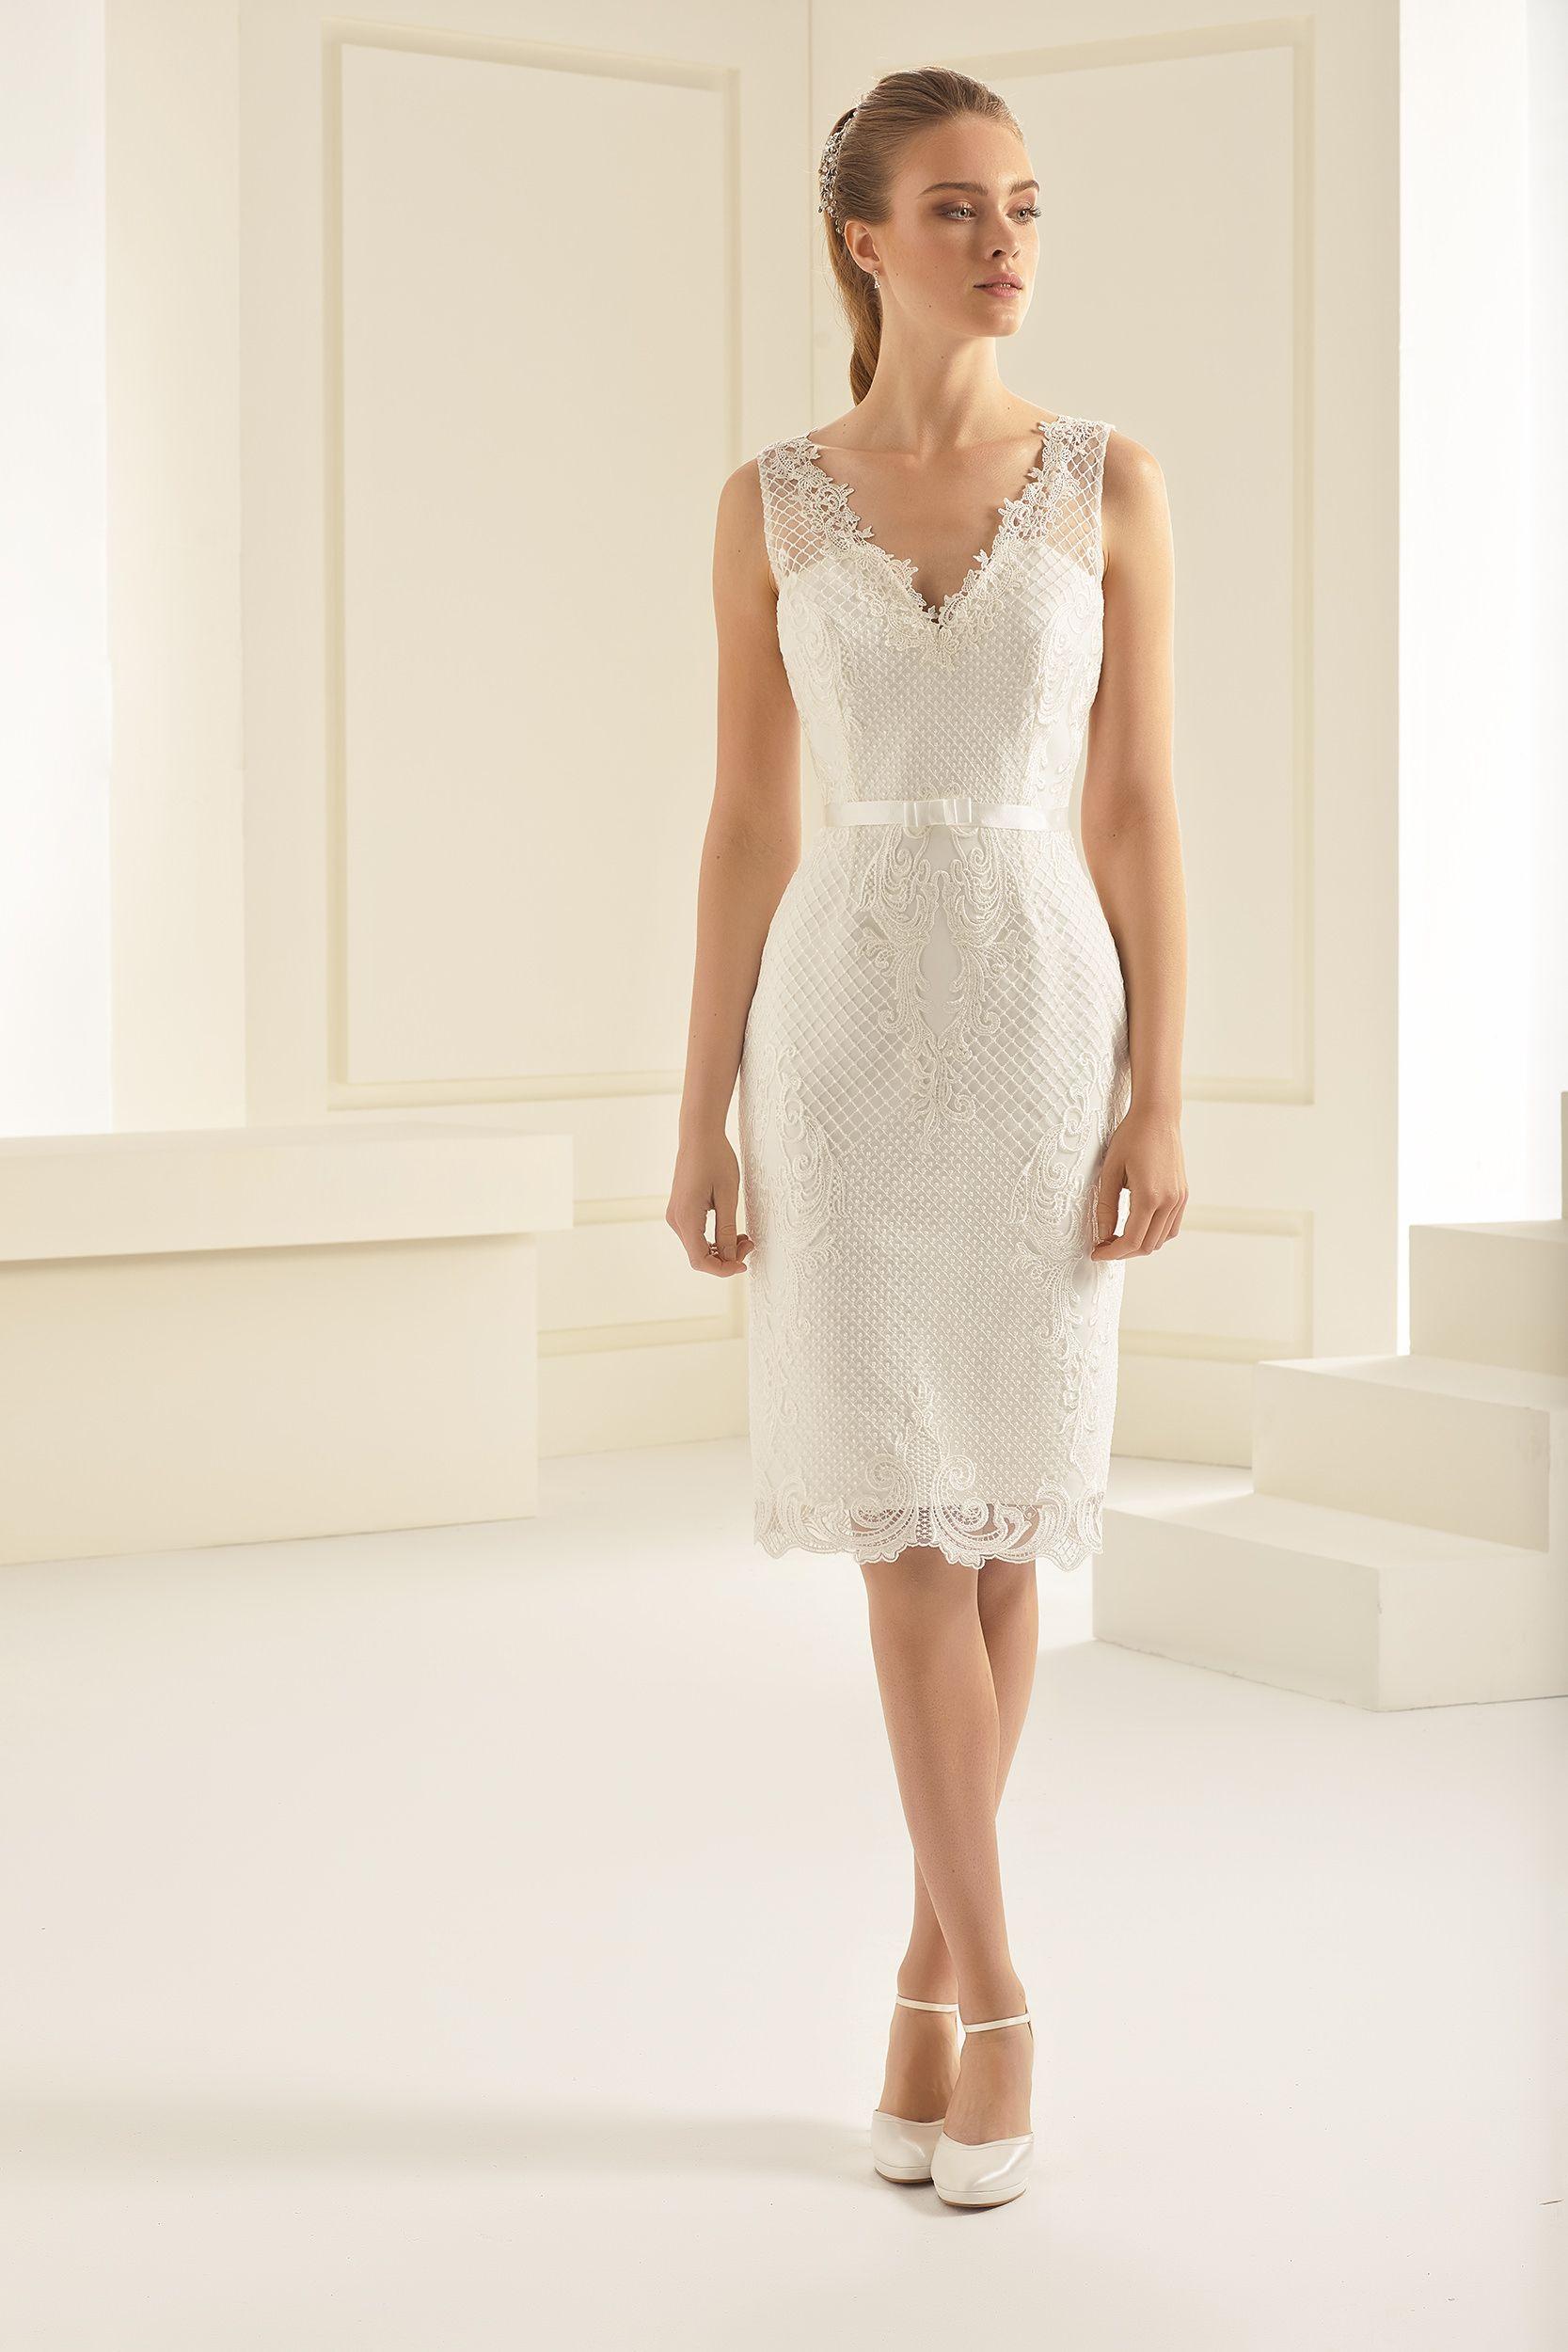 Auch Dieses Modell Kurzes Brautkleid Bzw Standesamtkleid Bei Uns